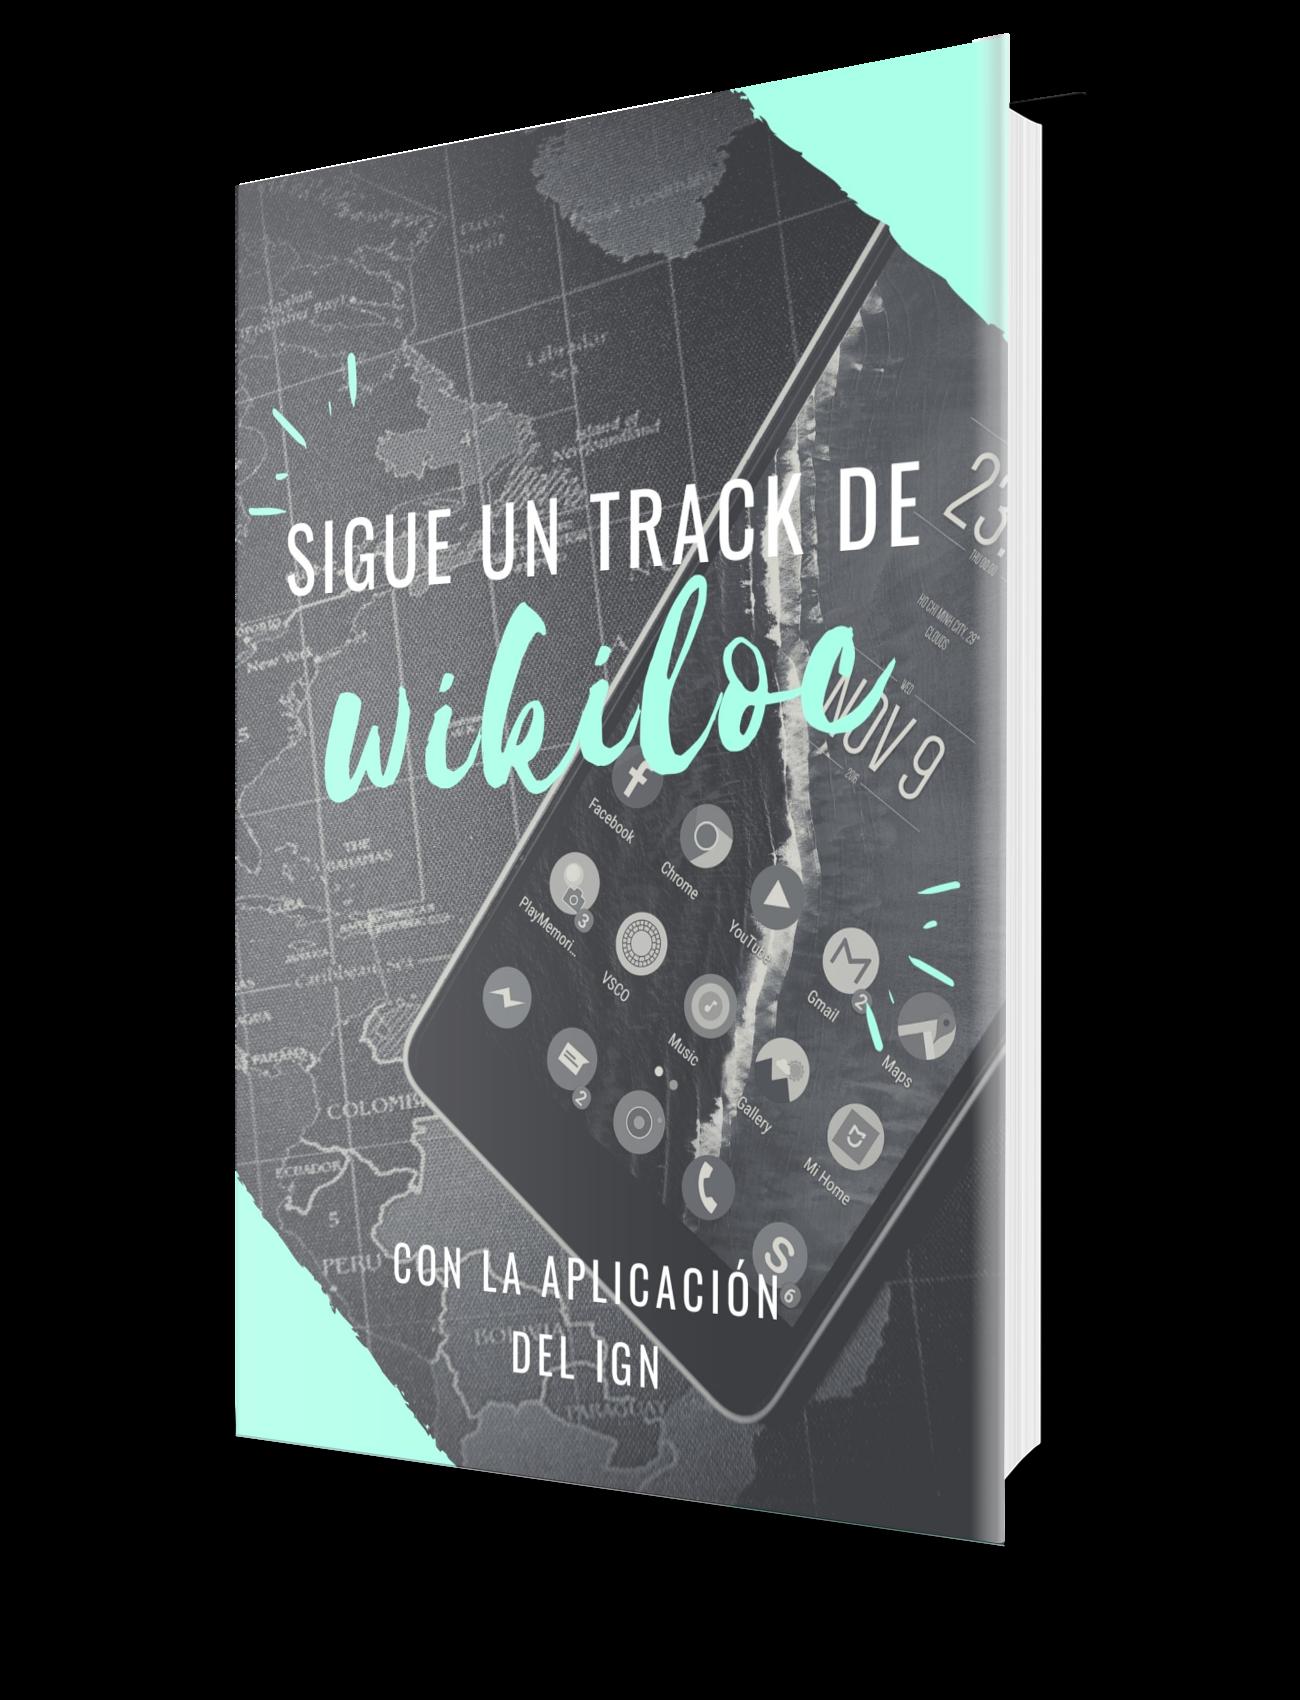 Guía como descargar un track de wikiloc